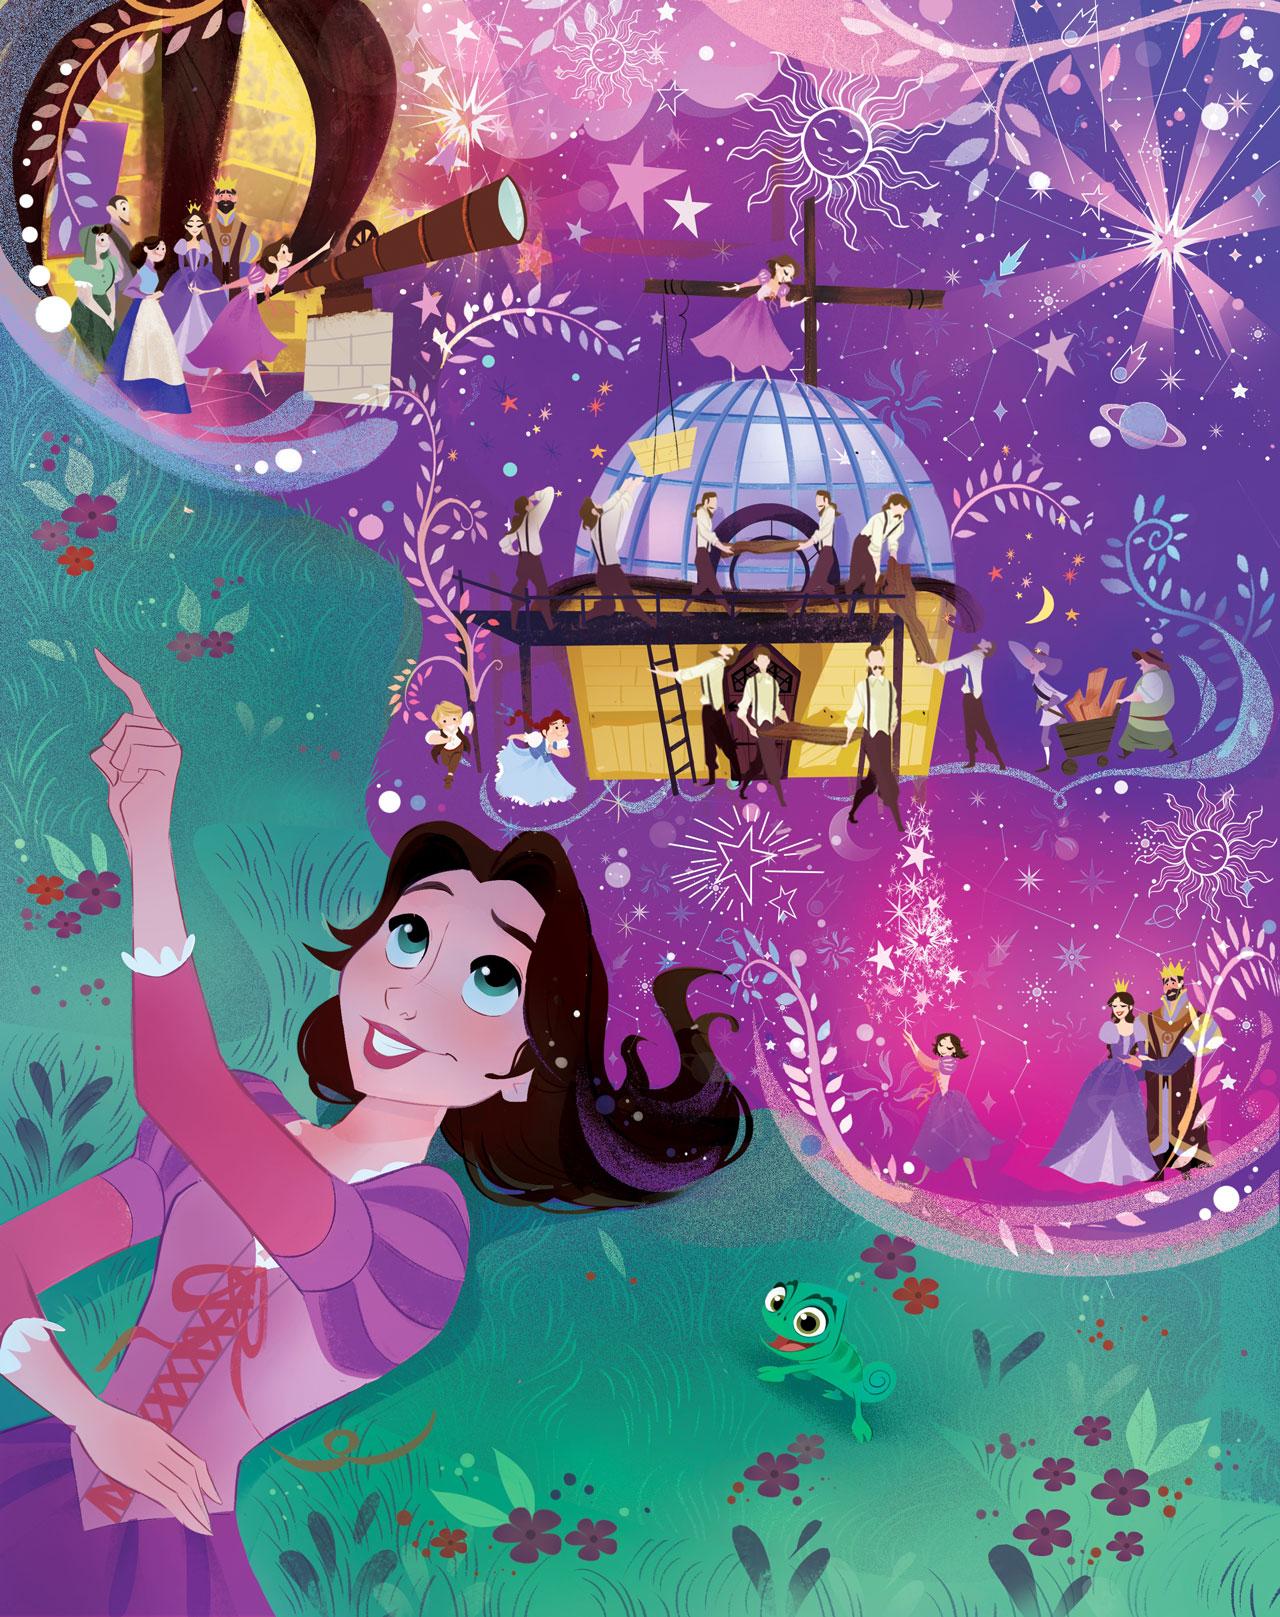 Disney Prensesleri ne öğretiyor? Araştırmadan çarpıcı sonuçlar